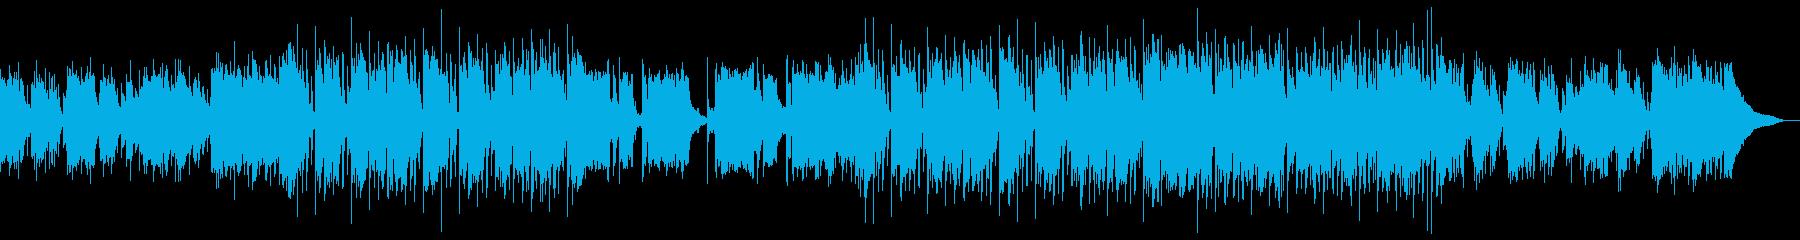 おしゃれでムーディーな店舗用BGMジャズの再生済みの波形